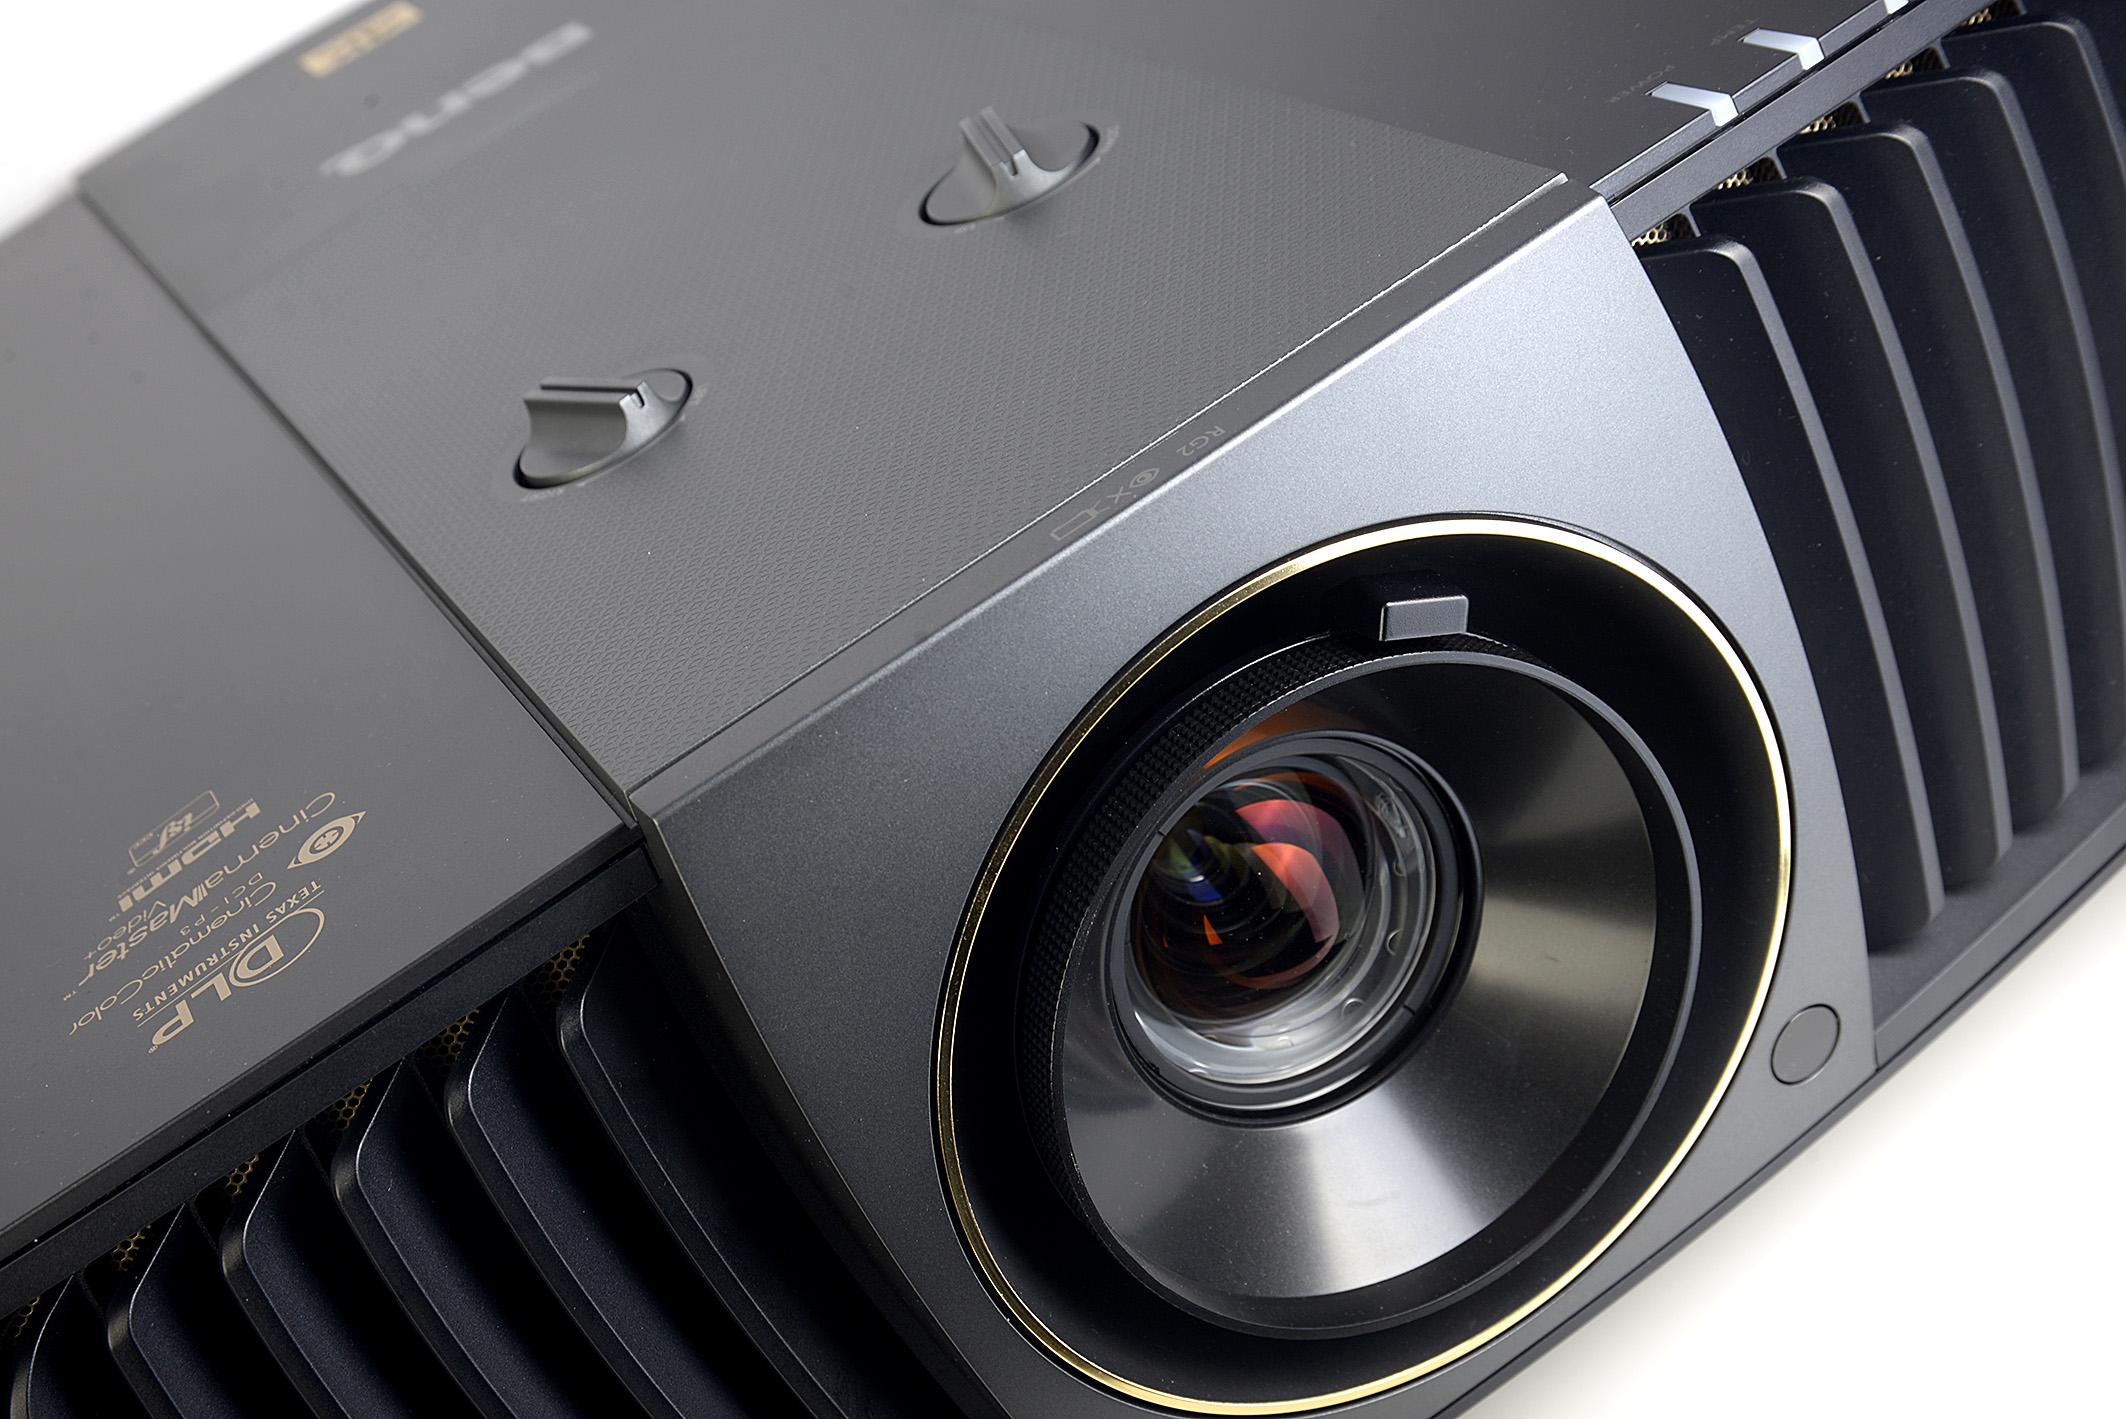 Foto: Michael B. Rehders Einzig die goldene Schrift auf dem Projektor unterscheidet äußerlich den BenQ X12000 vom W11000. Zoom und Lens-Shift werden mit den beiden Drehreglern eingestellt, die sich oberhalb des Objektivs befinden.